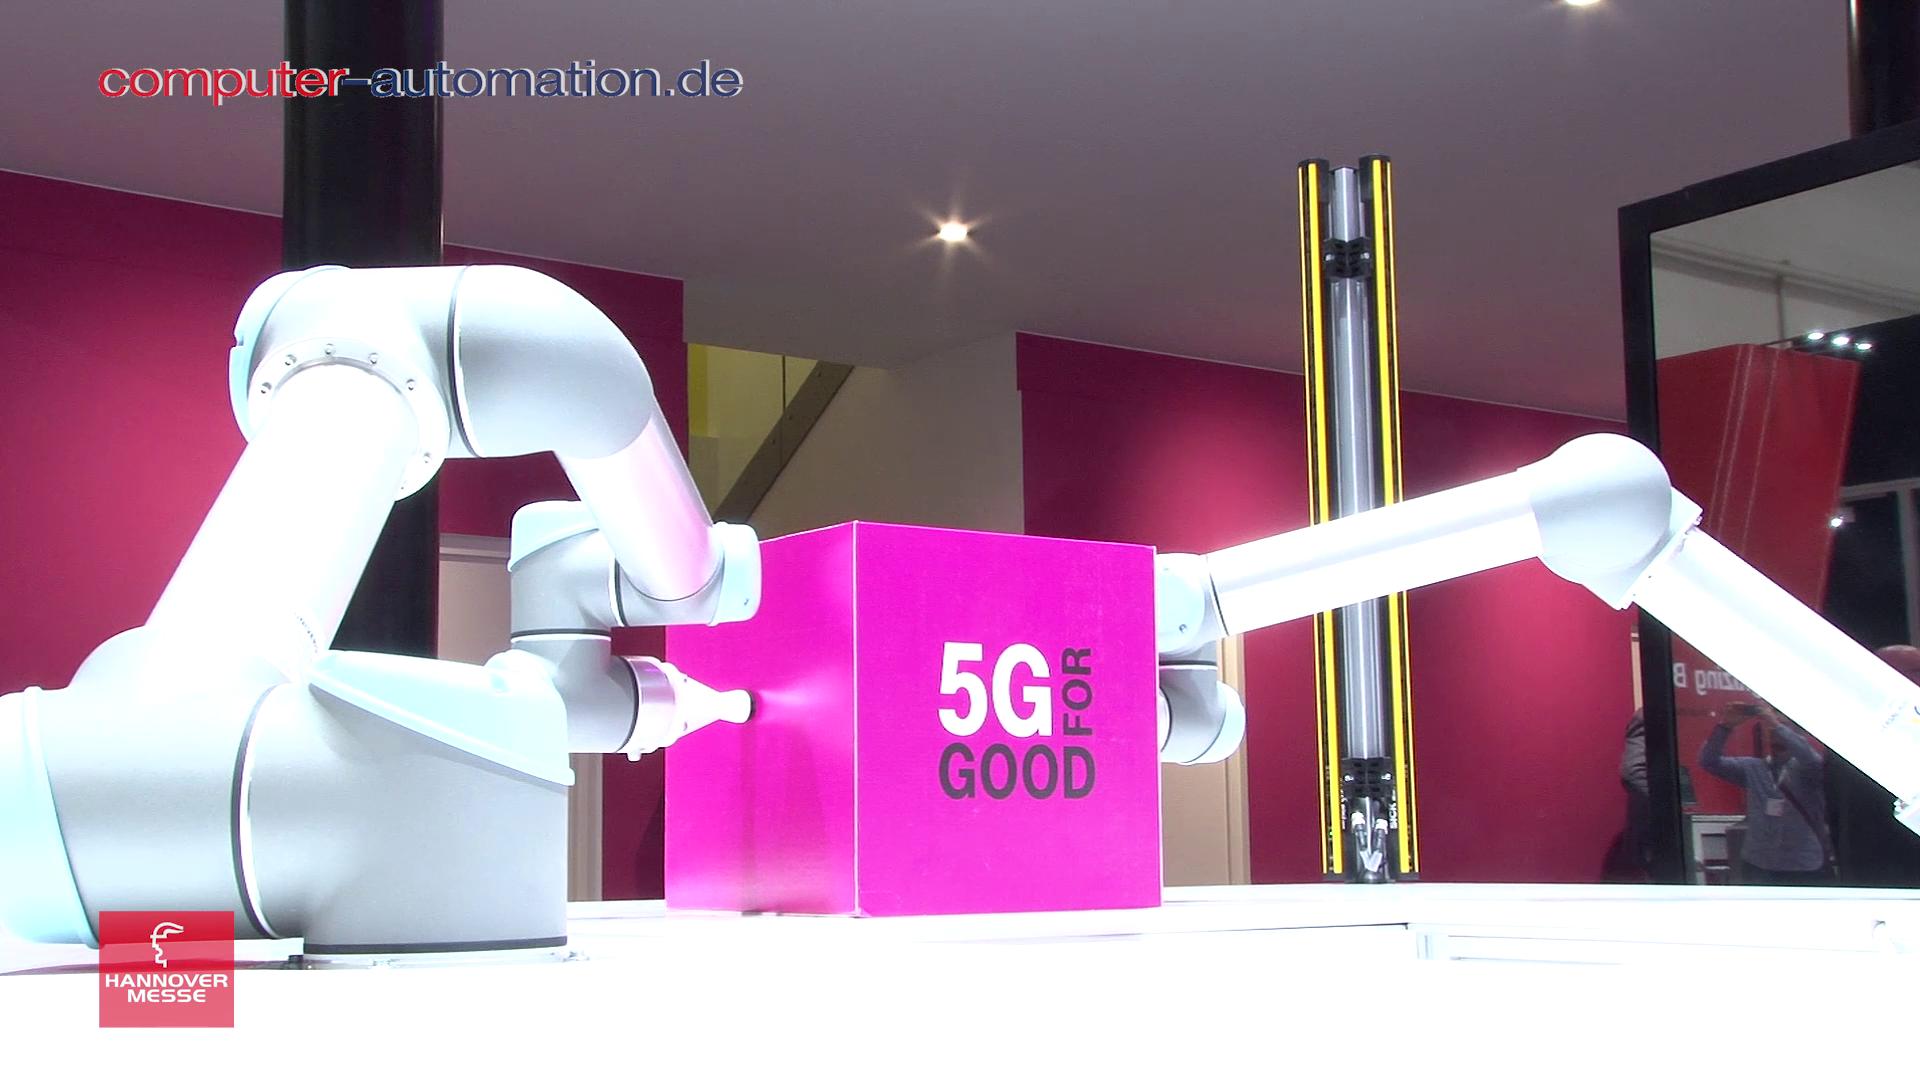 Telekom: 5G - Das Netz für IoT und Industrie 4.0